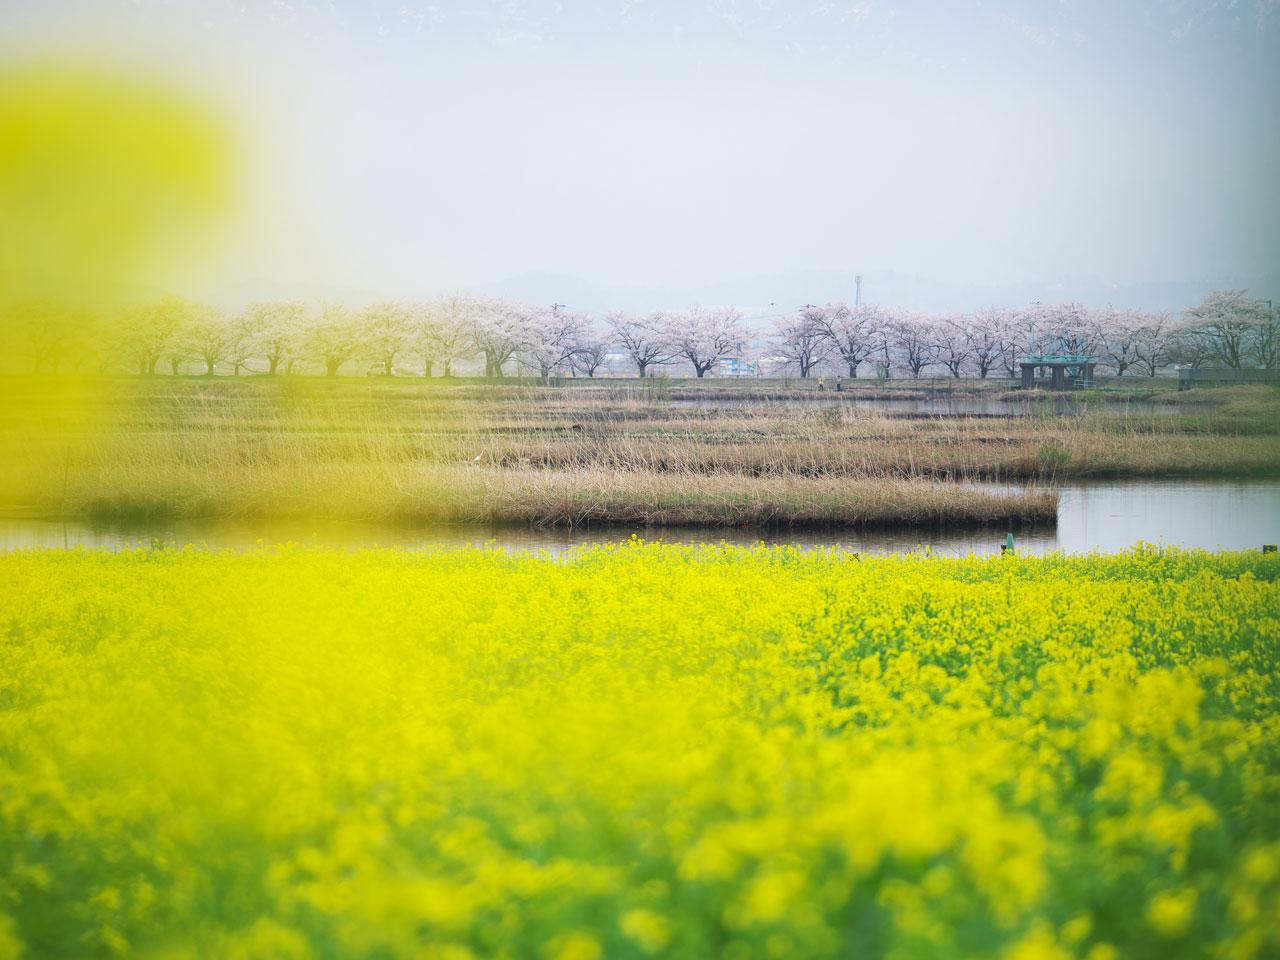 福島潟の菜の花と桜:LUMIX DMC-G99+LEICA DG VARIO-ELMAR 100-400mm/F4.0-6.3 ASPH./POWER O.I.S. H-RS100400